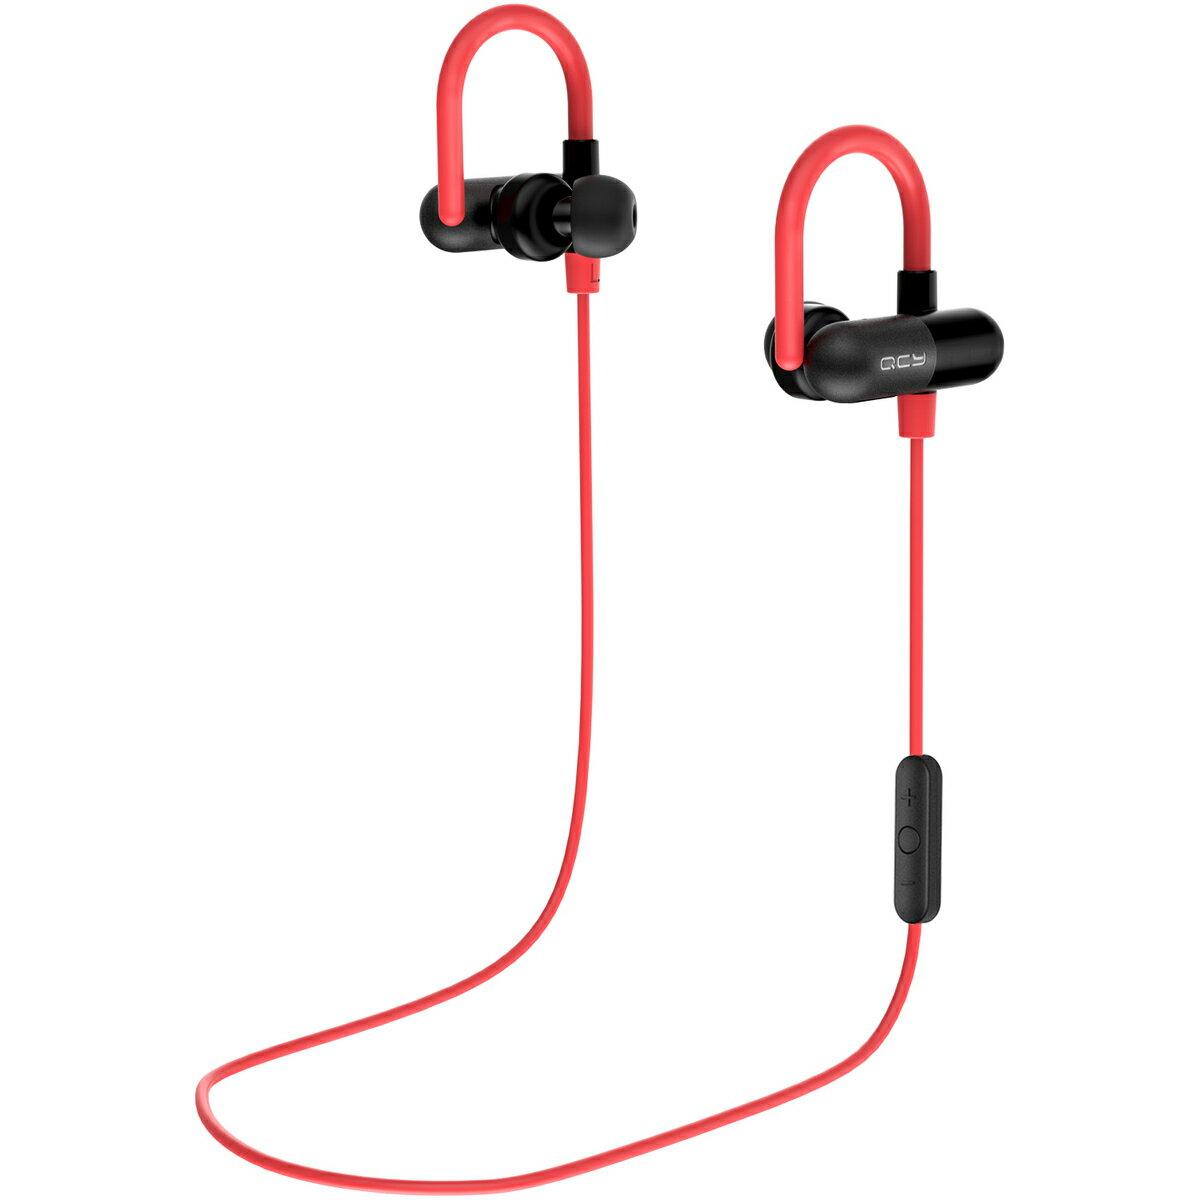 QCY QY11 耳掛け式 Bluetooth イヤホン ワイヤレス イヤホン ランニング スポーツ イヤホン 両耳 高音質 apt-x ブルートゥース イヤホン bluetooth 防水 ハンズフリー 通話 ノイズキャンセリング Siri対応 iPhone Android 対応